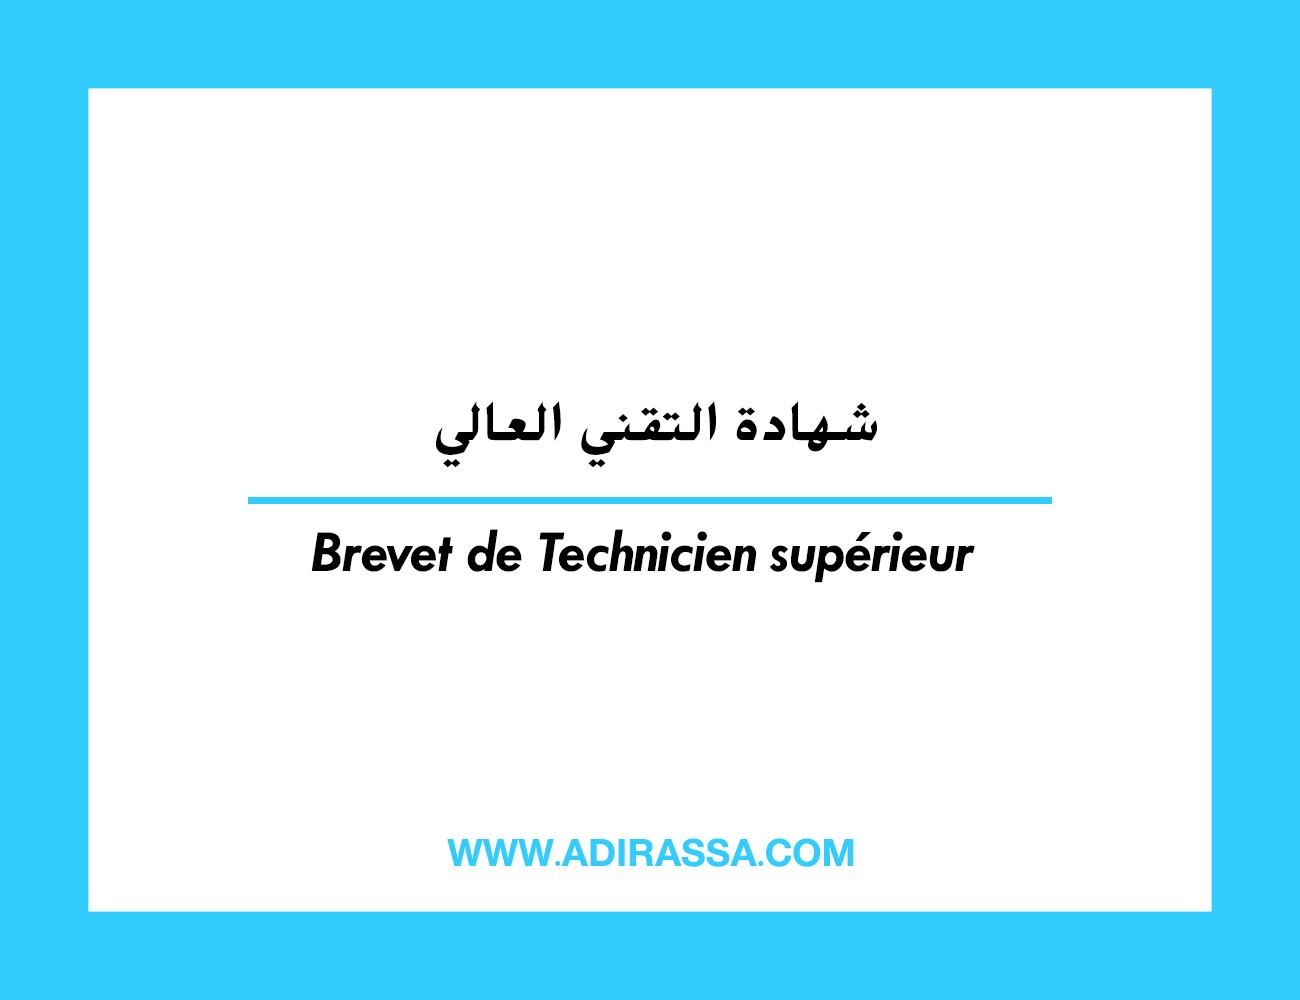 شهادة التقني العالي لإعداد أطر ذات مؤهلات علمية وتكنولوجية ومهنية